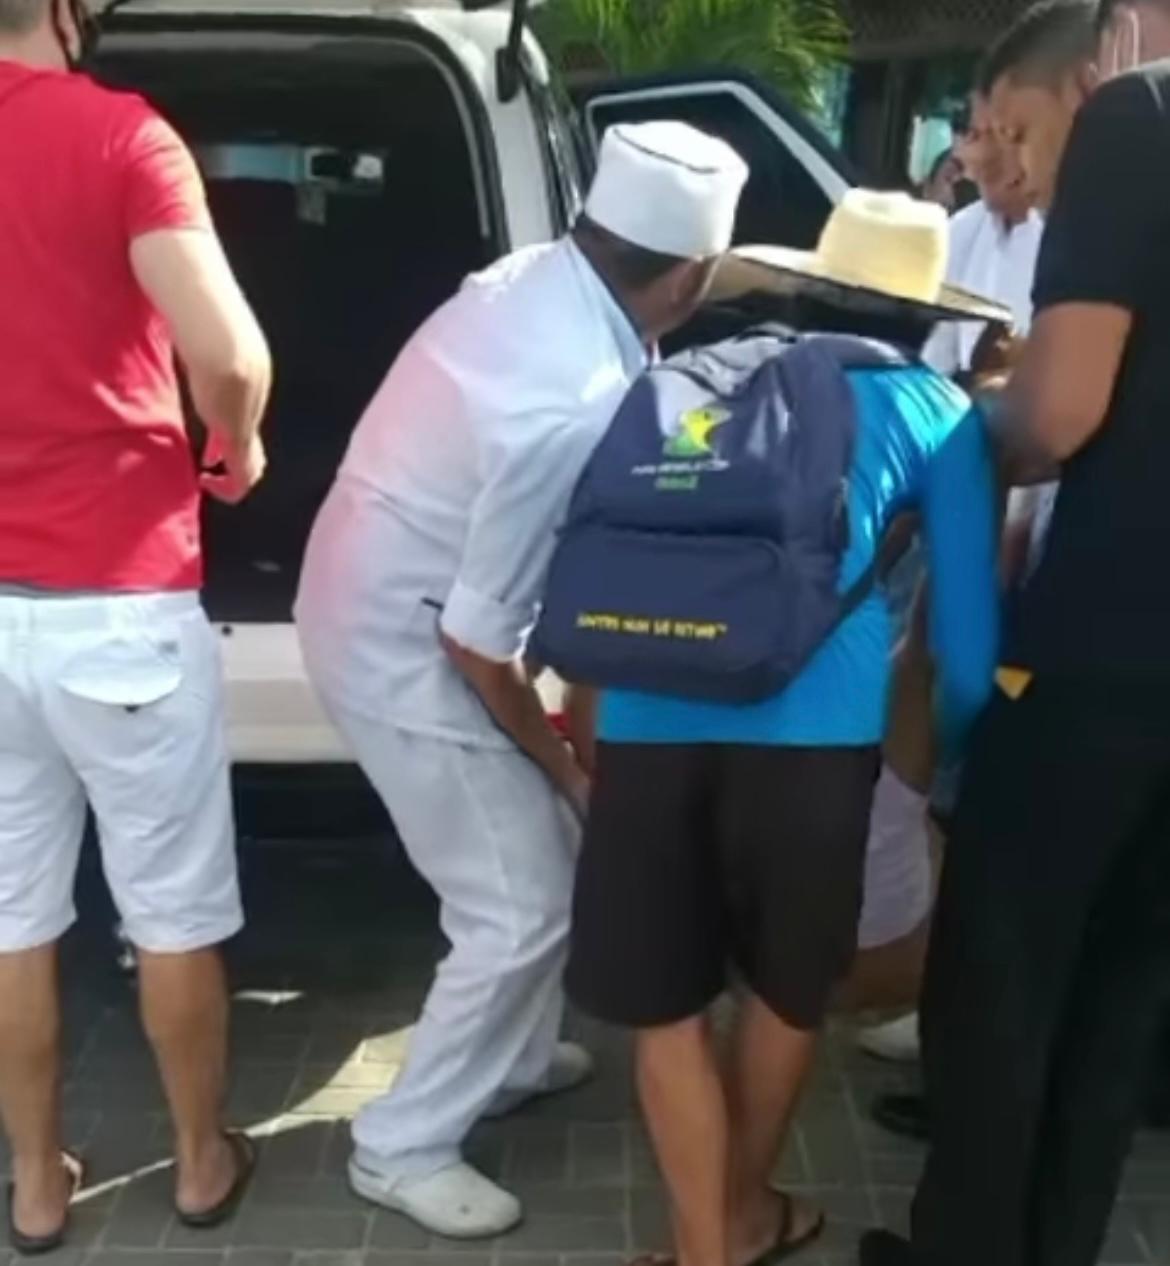 WhatsApp Image 2020 11 27 at 18.35.08 1 - ESTADO GRAVE: piloto de avião é baleado dentro de restaurante em João Pessoa; VEJA VÍDEO